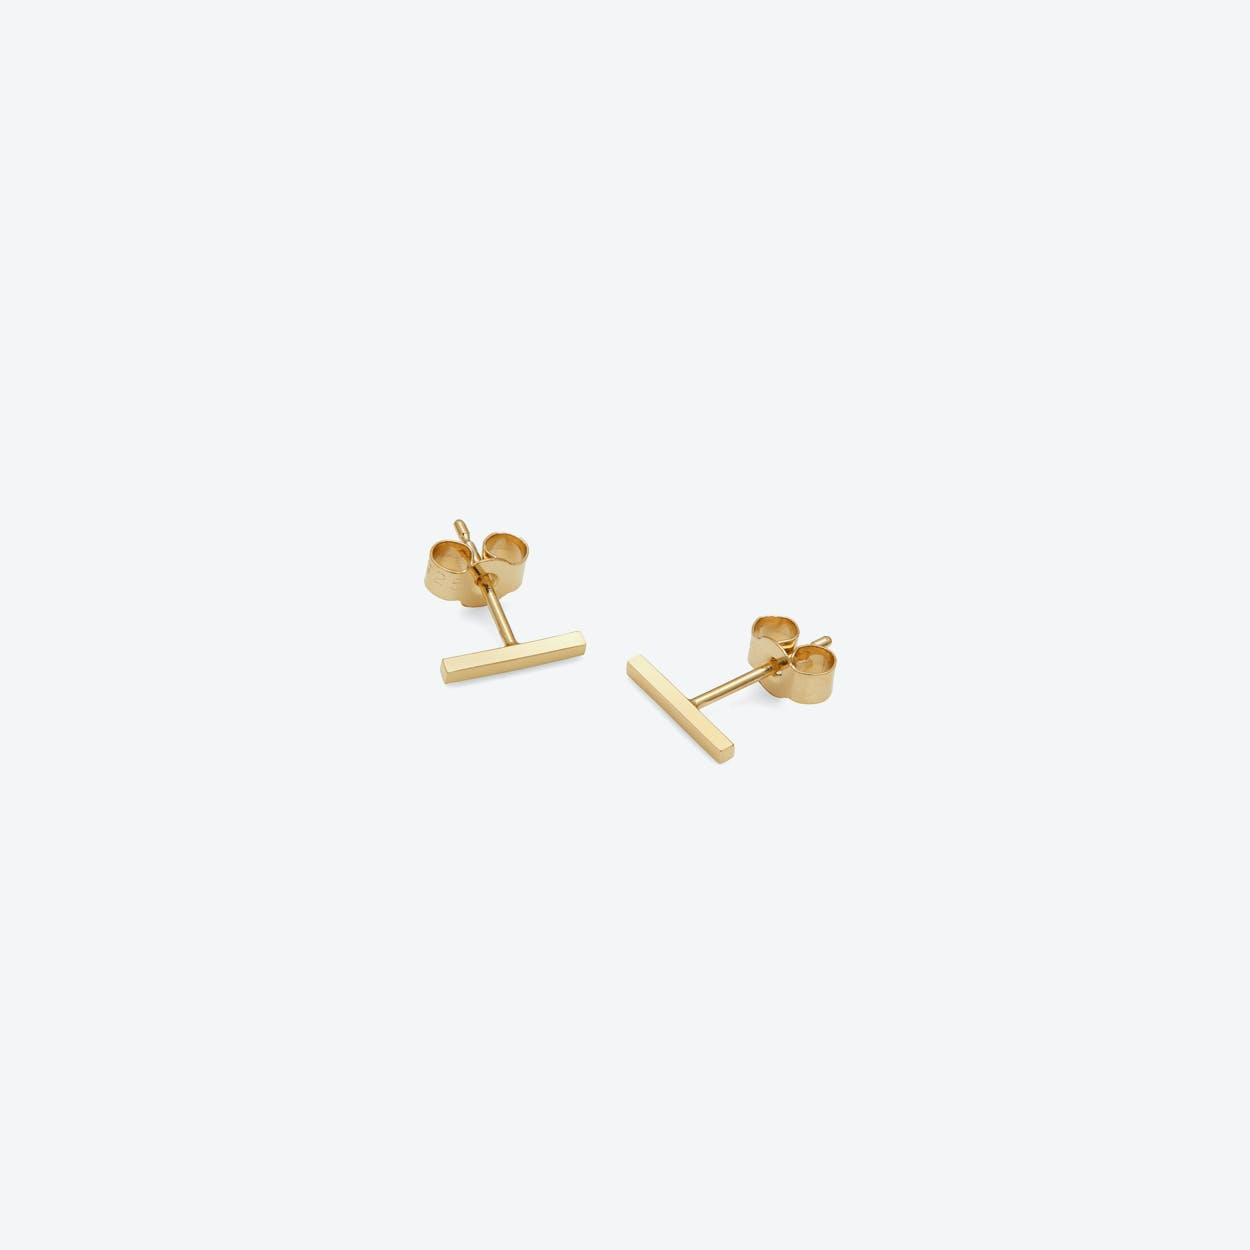 Bar Stud Earrings In Gold